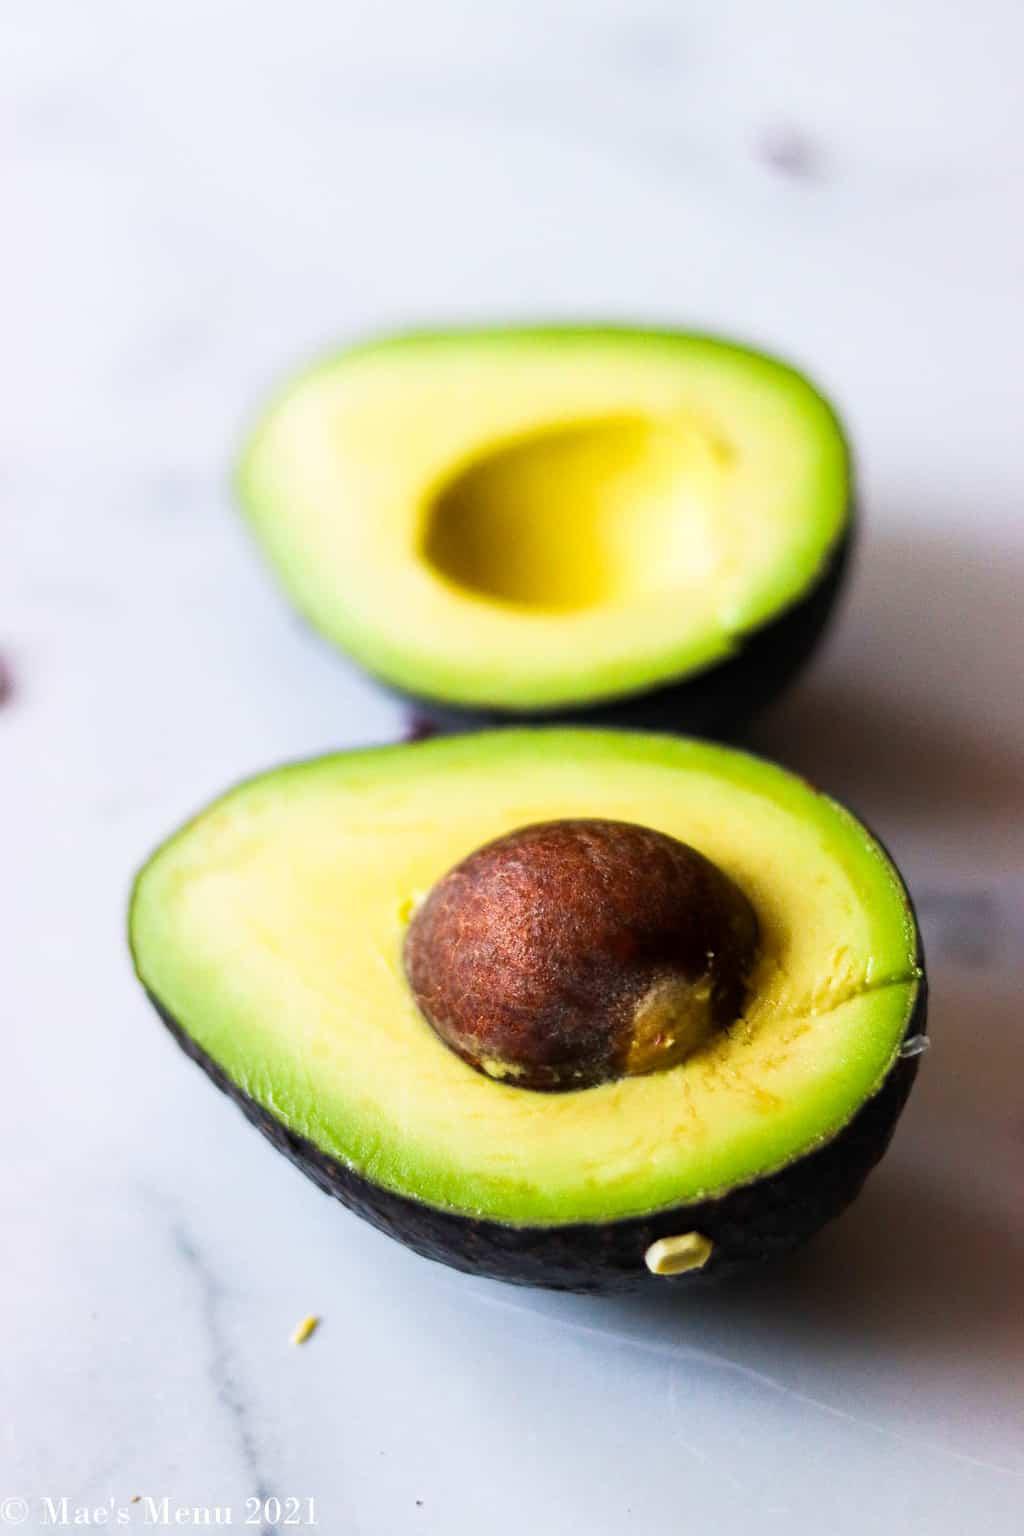 an up-close shot of a halved avocado